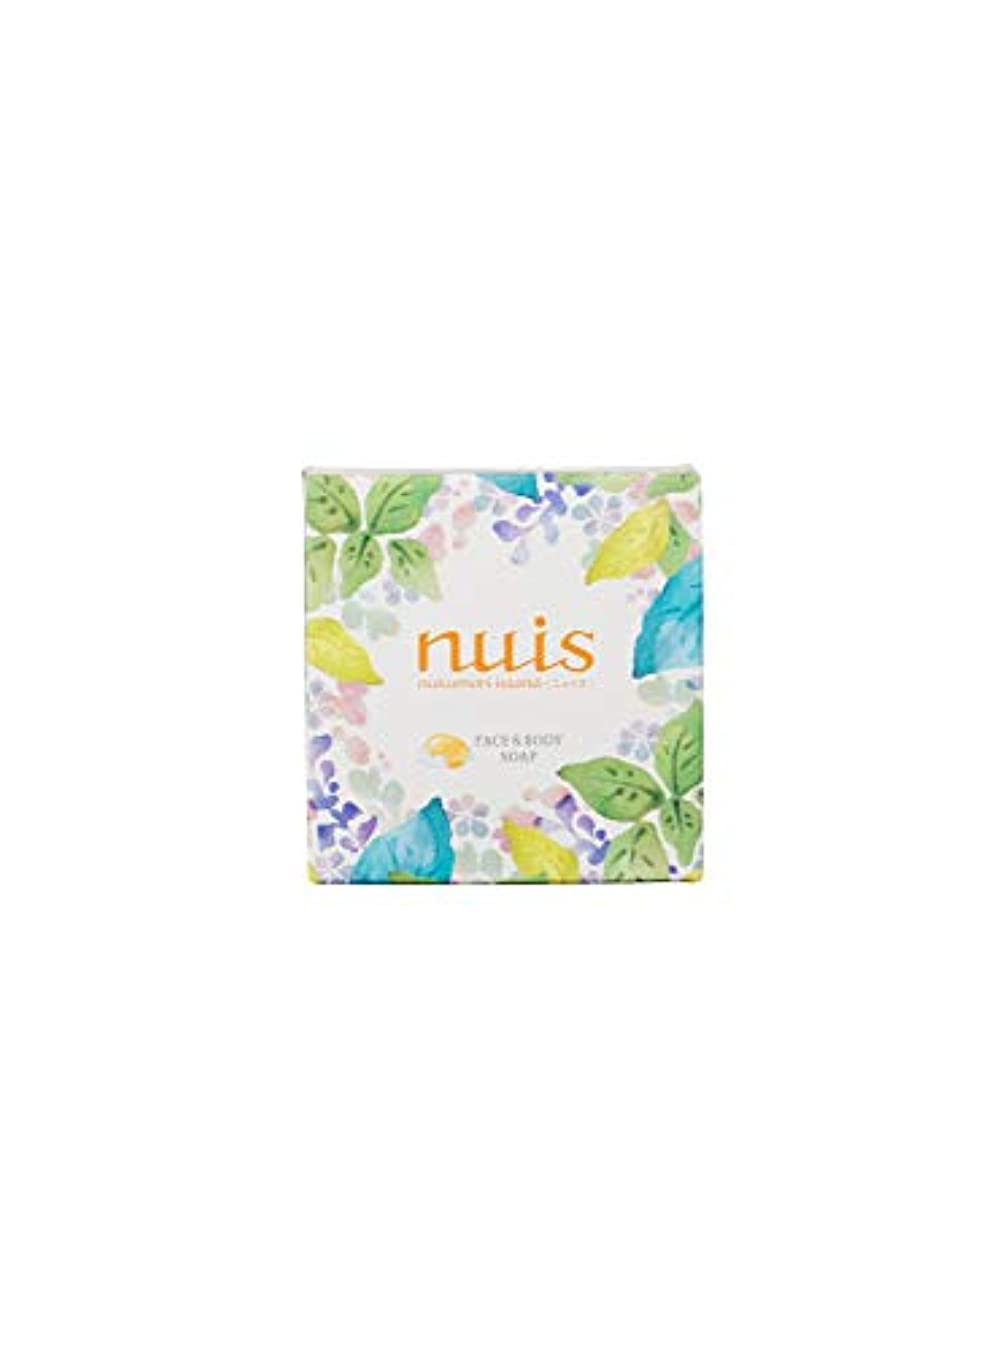 自治的夫強打nuis(ニュイス) nuis ぬくもりアイランド フェイス&ボディソープ 石鹸 100g